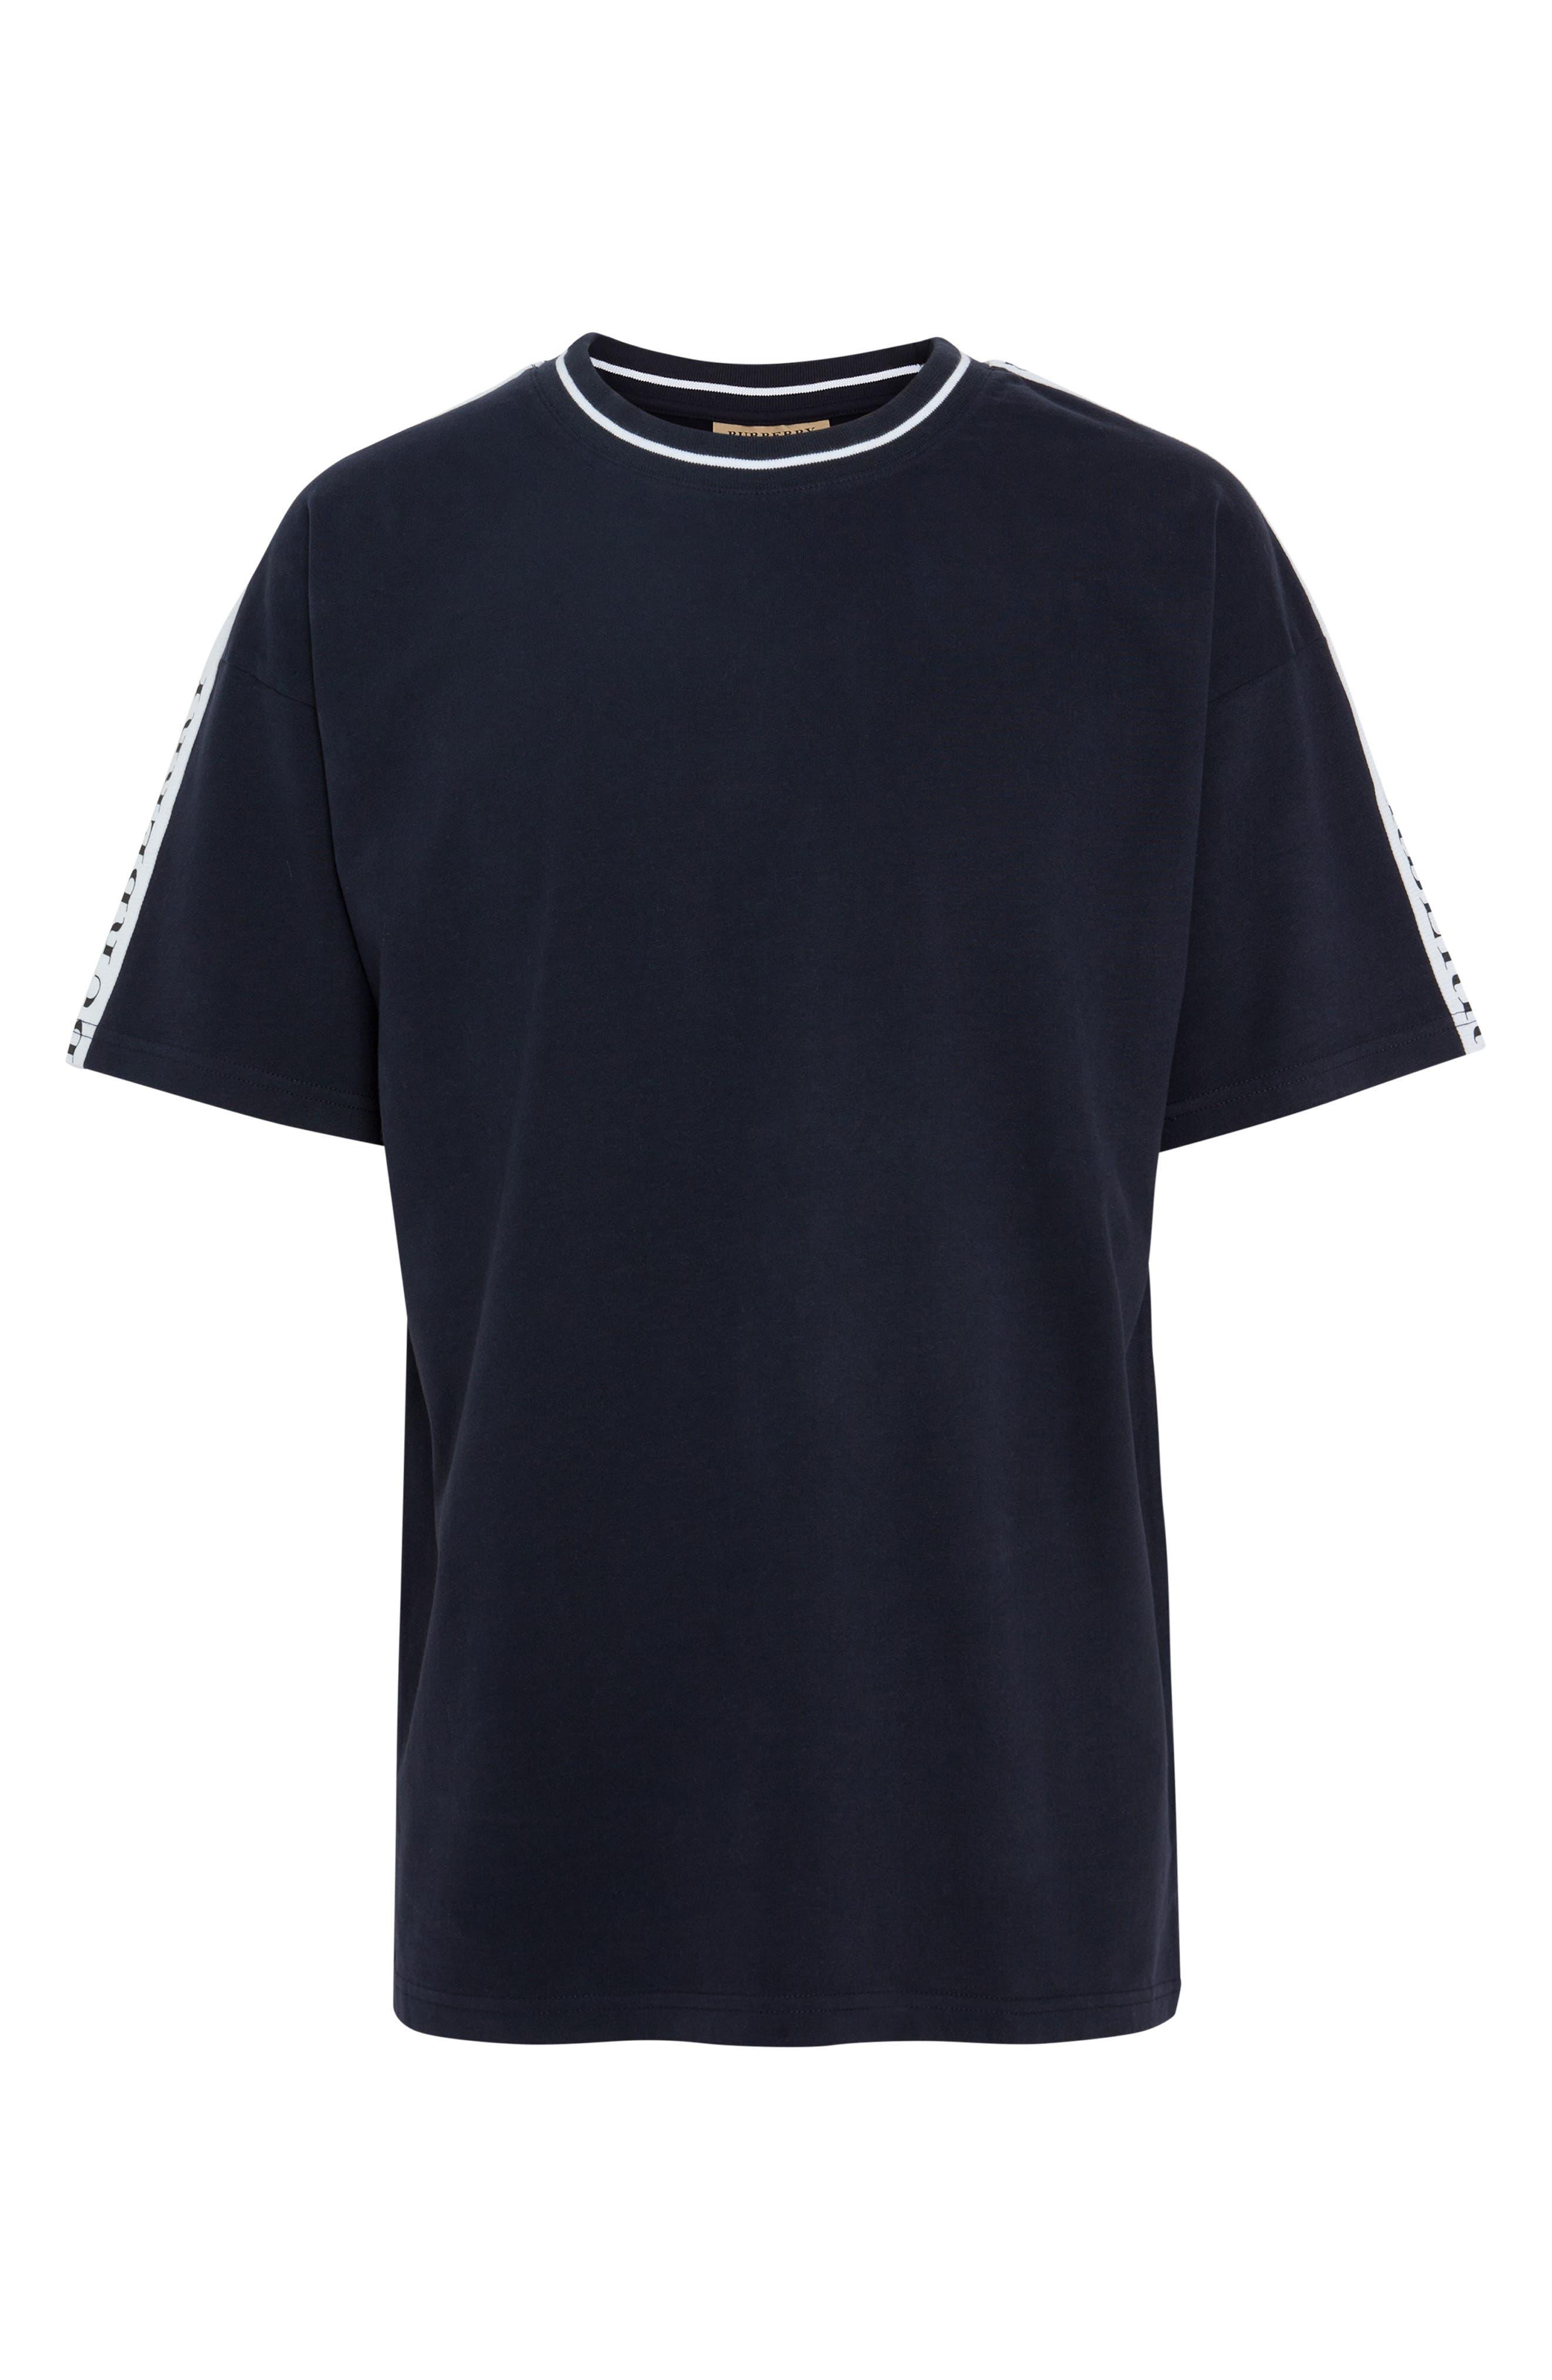 Roedon Tape T-Shirt,                             Alternate thumbnail 4, color,                             DARK NAVY